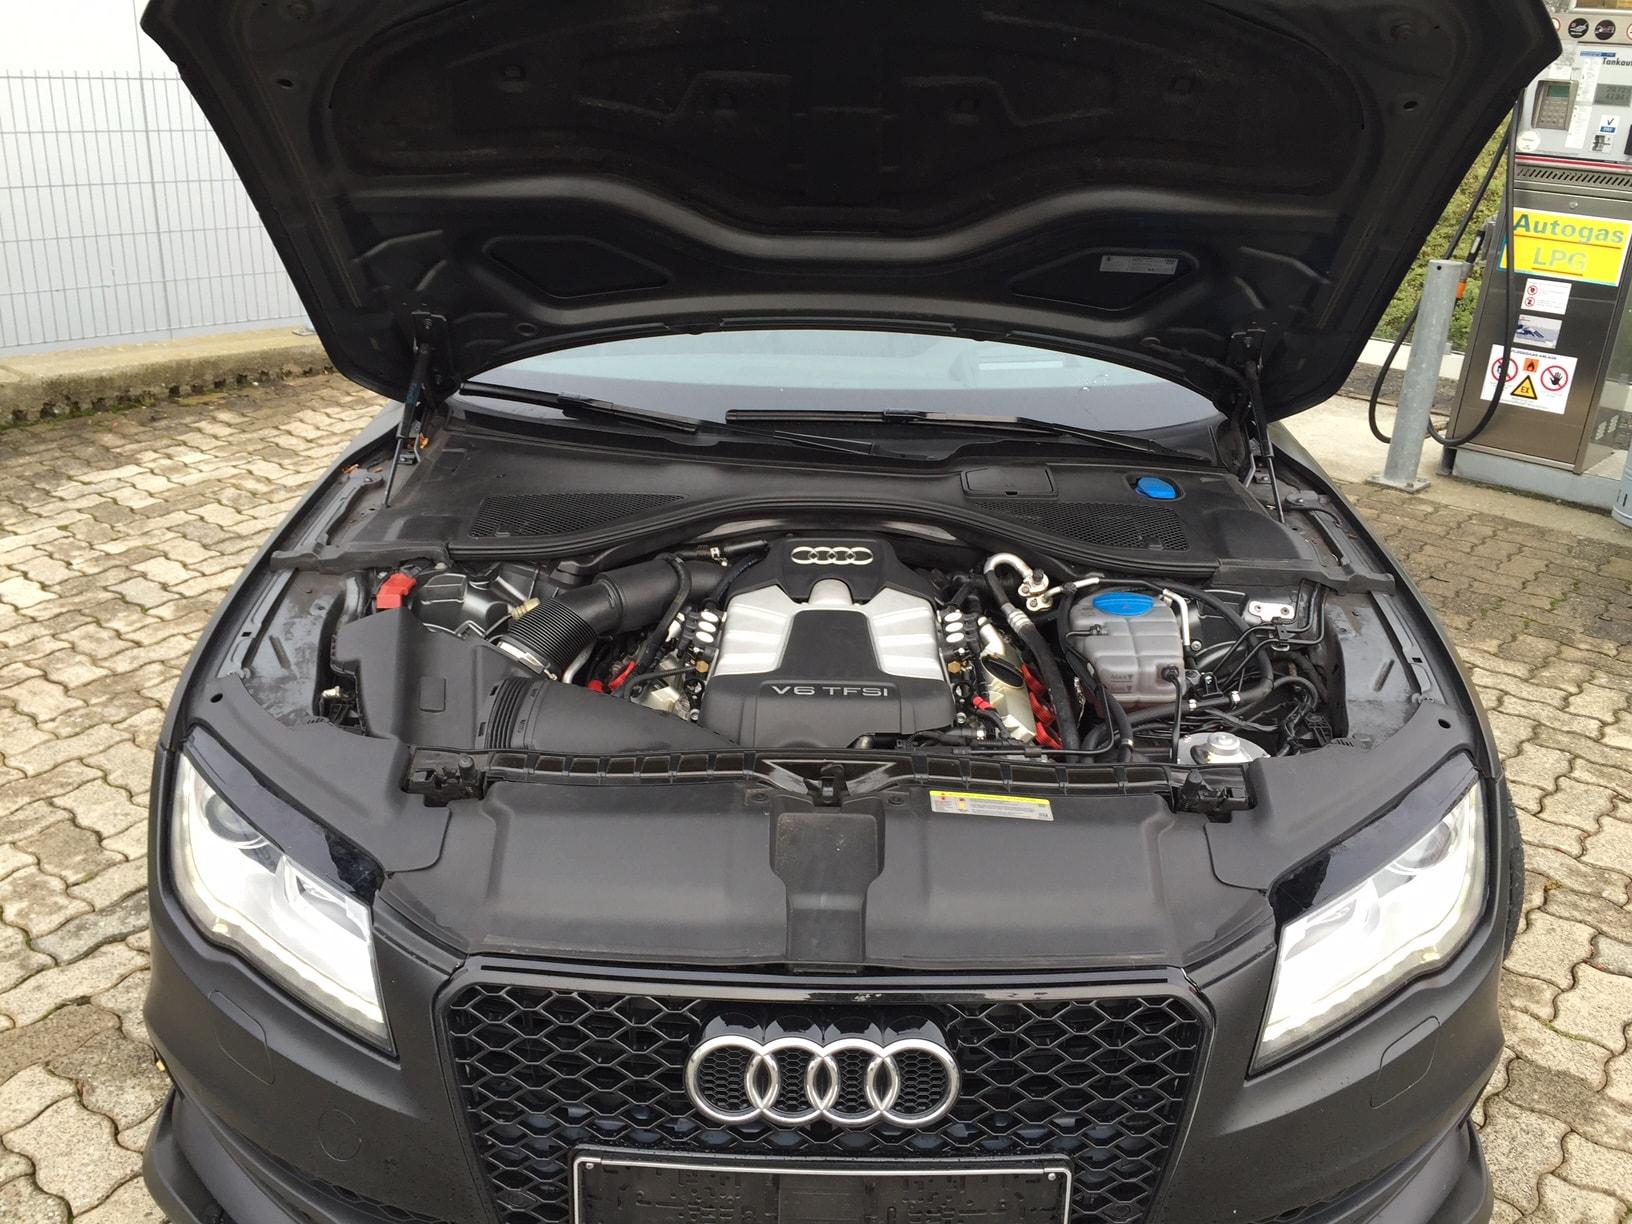 Autogas_R115-Umrüstung-auf-LPG-Autogas_Audi-A7-3,0TSI-Direkteinspritzer-Motor